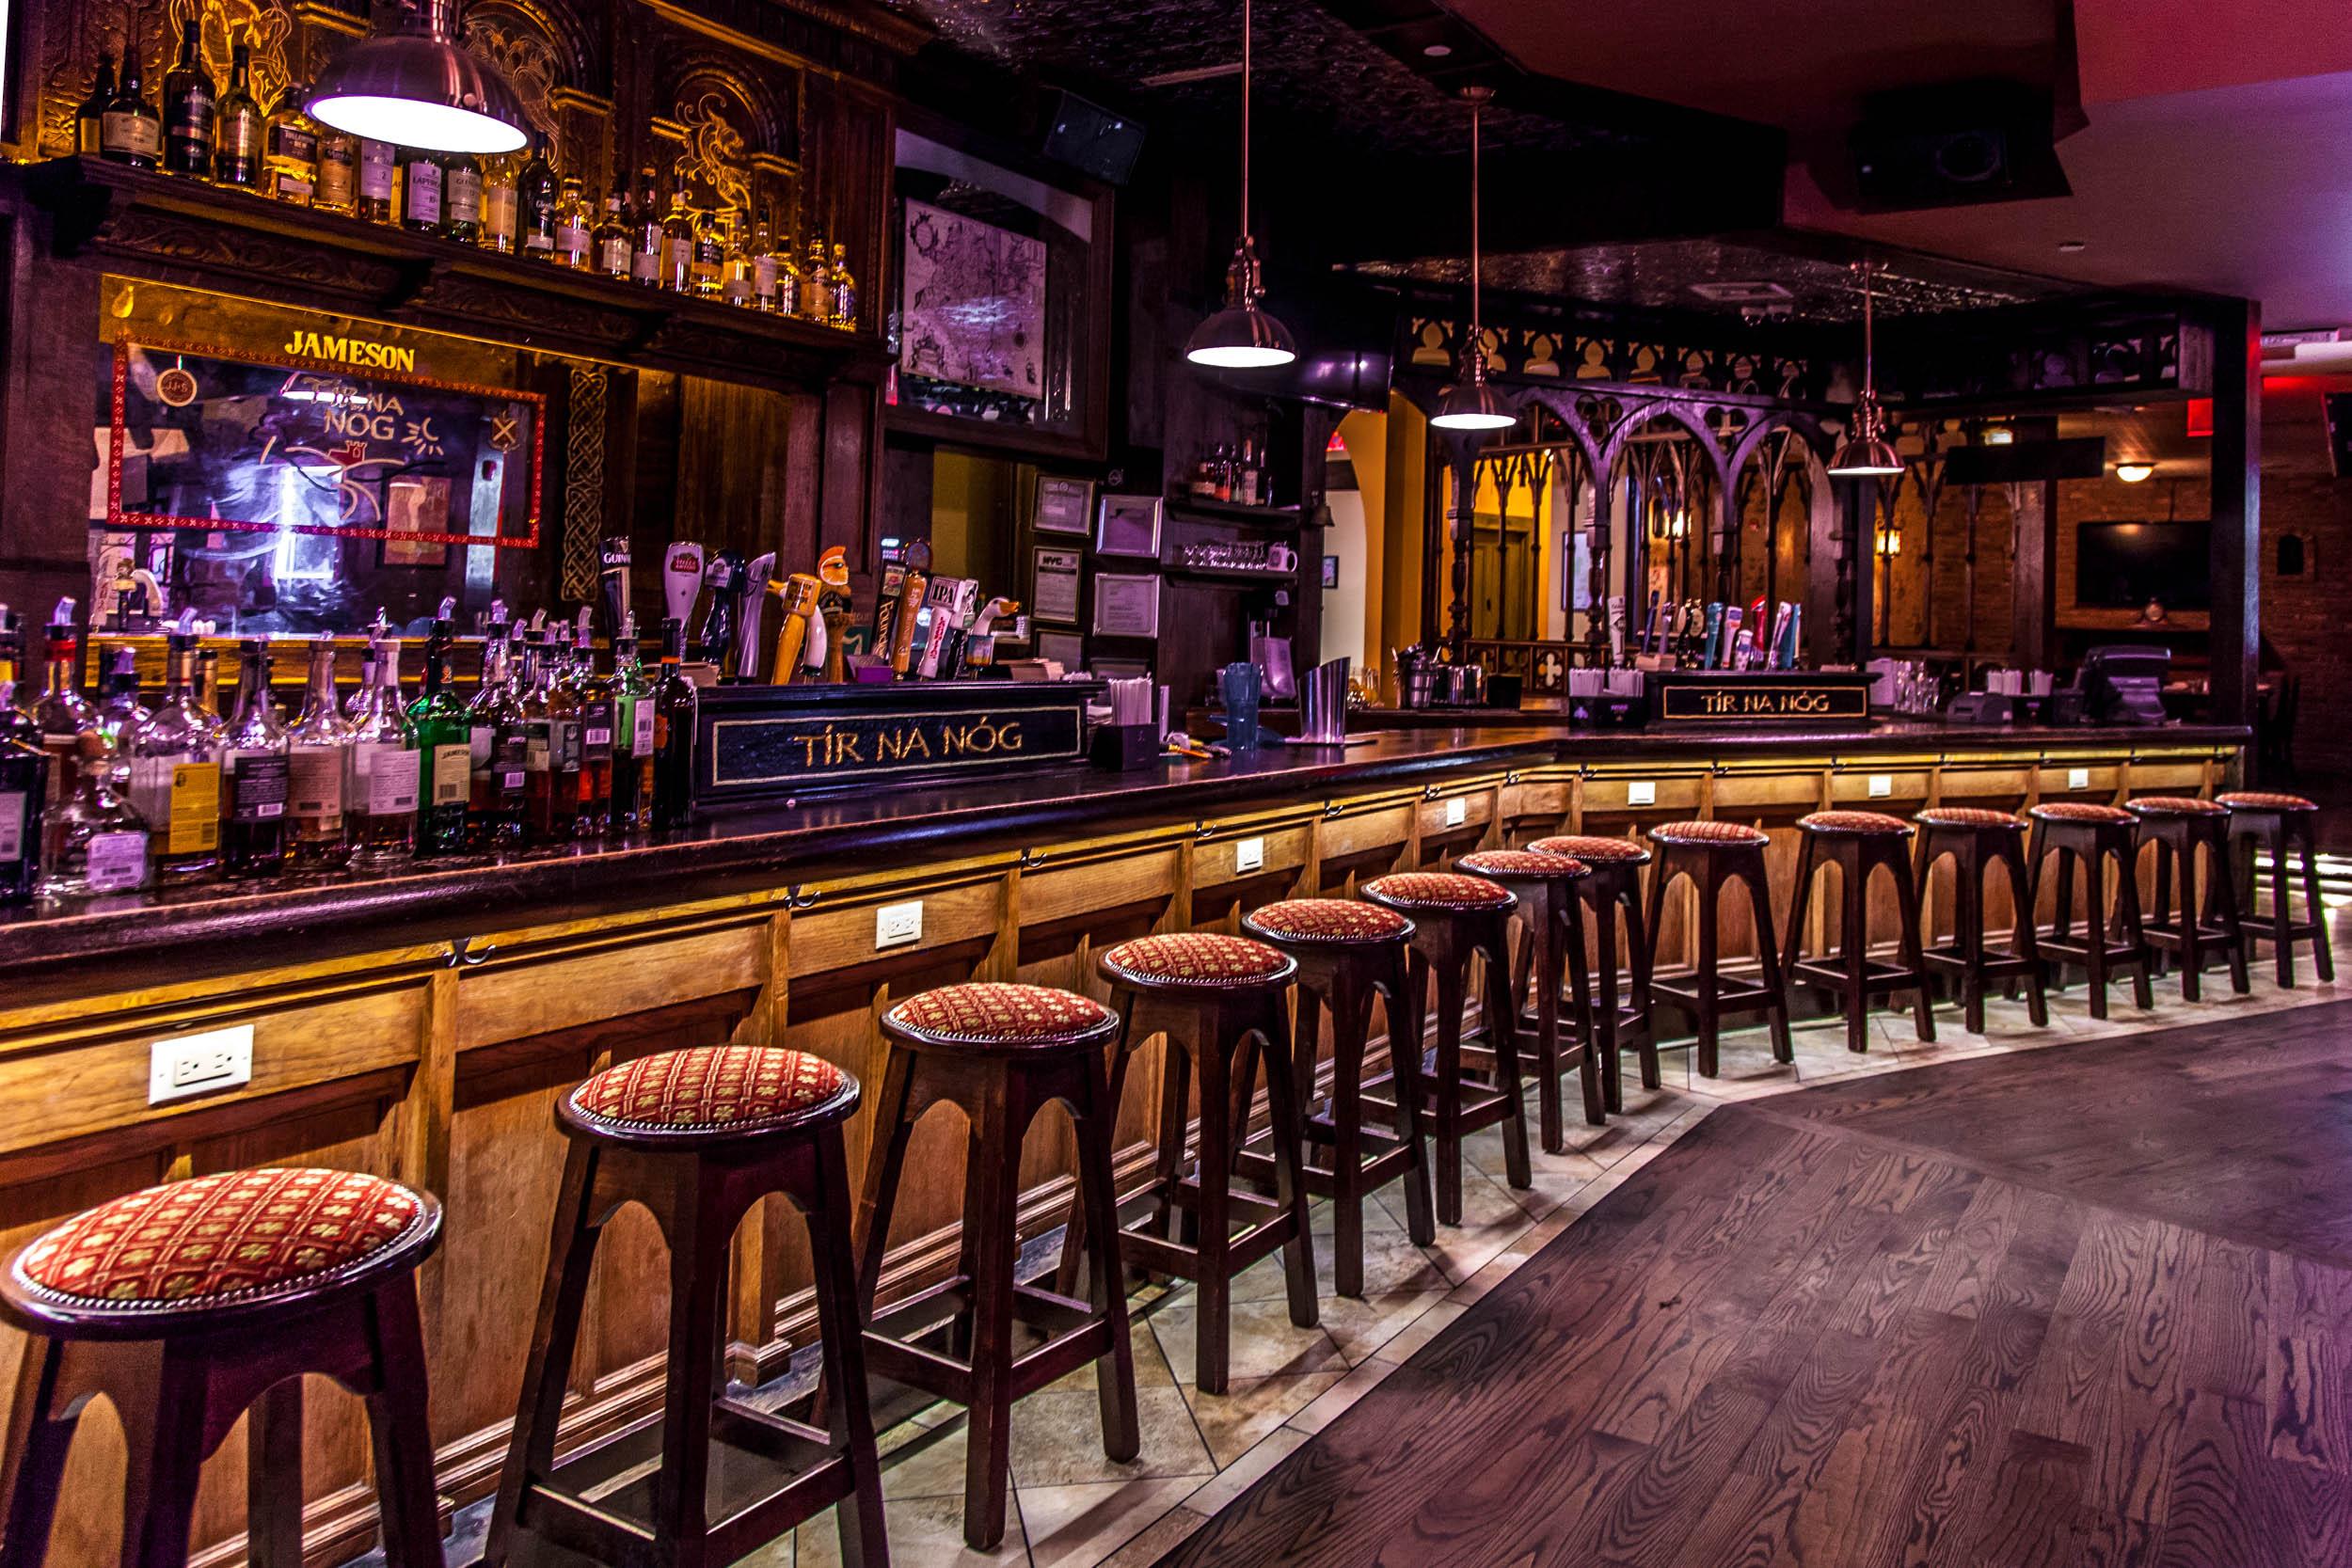 Tiện ích quầy Bar tại dự án